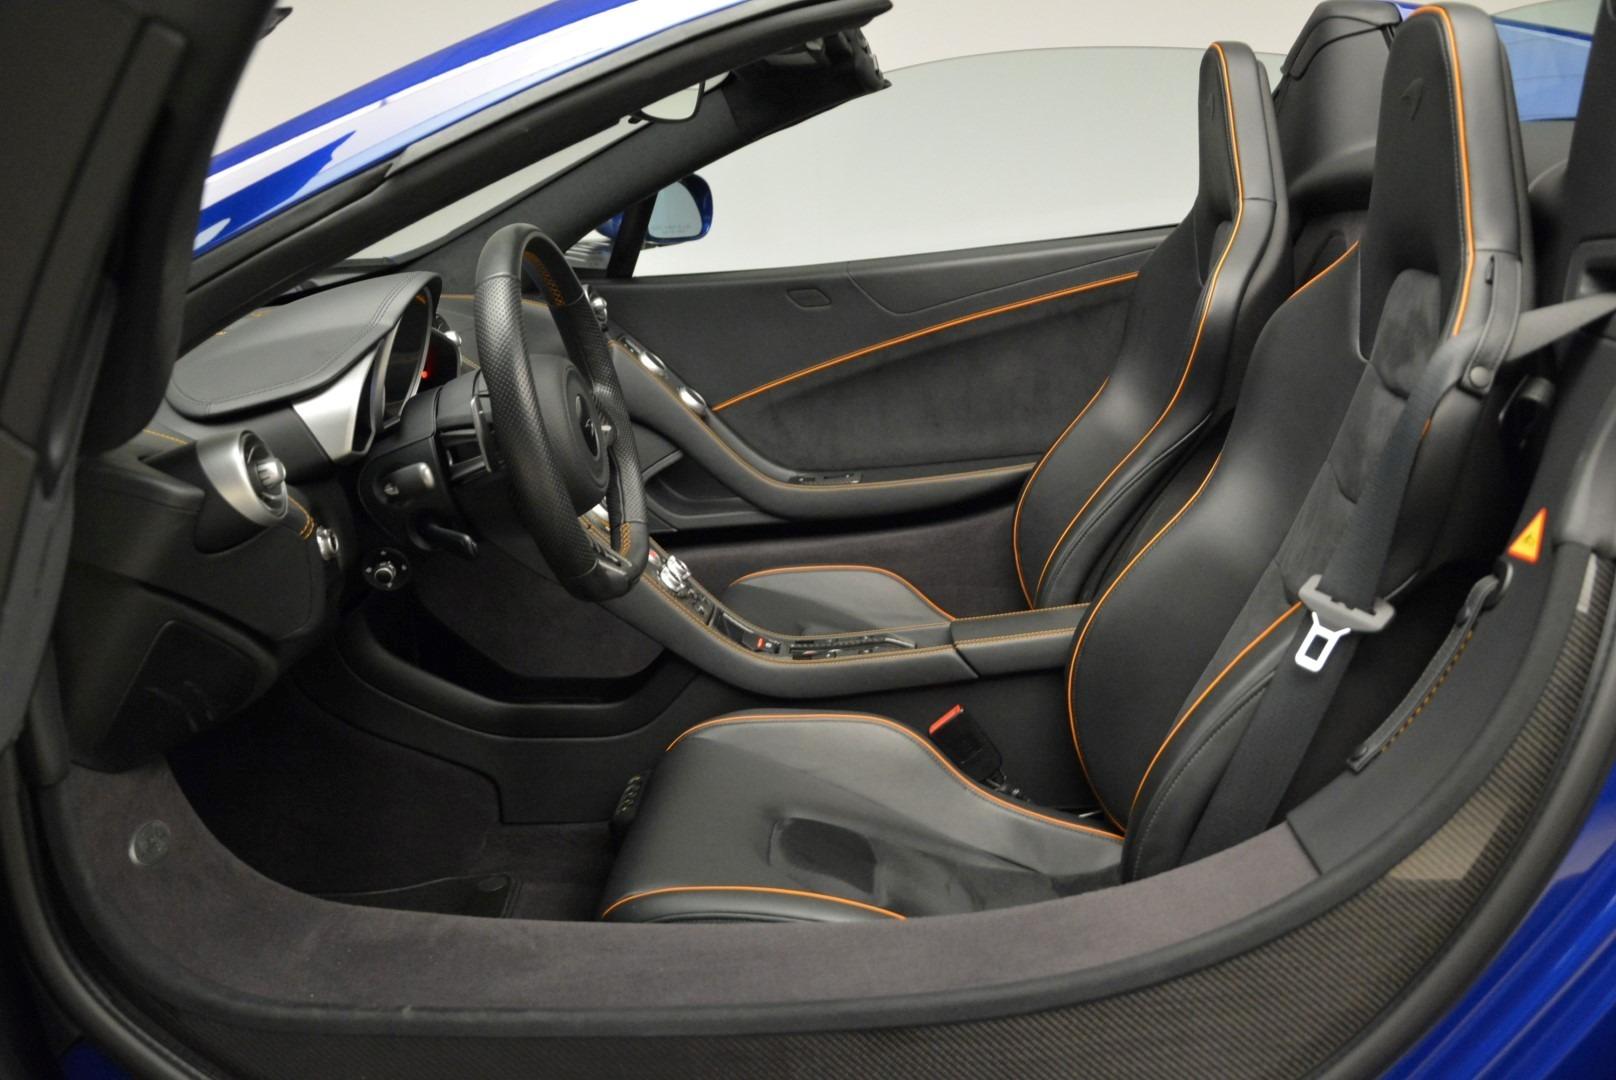 Used 2016 McLaren 650S Spider For Sale In Westport, CT 2013_p25